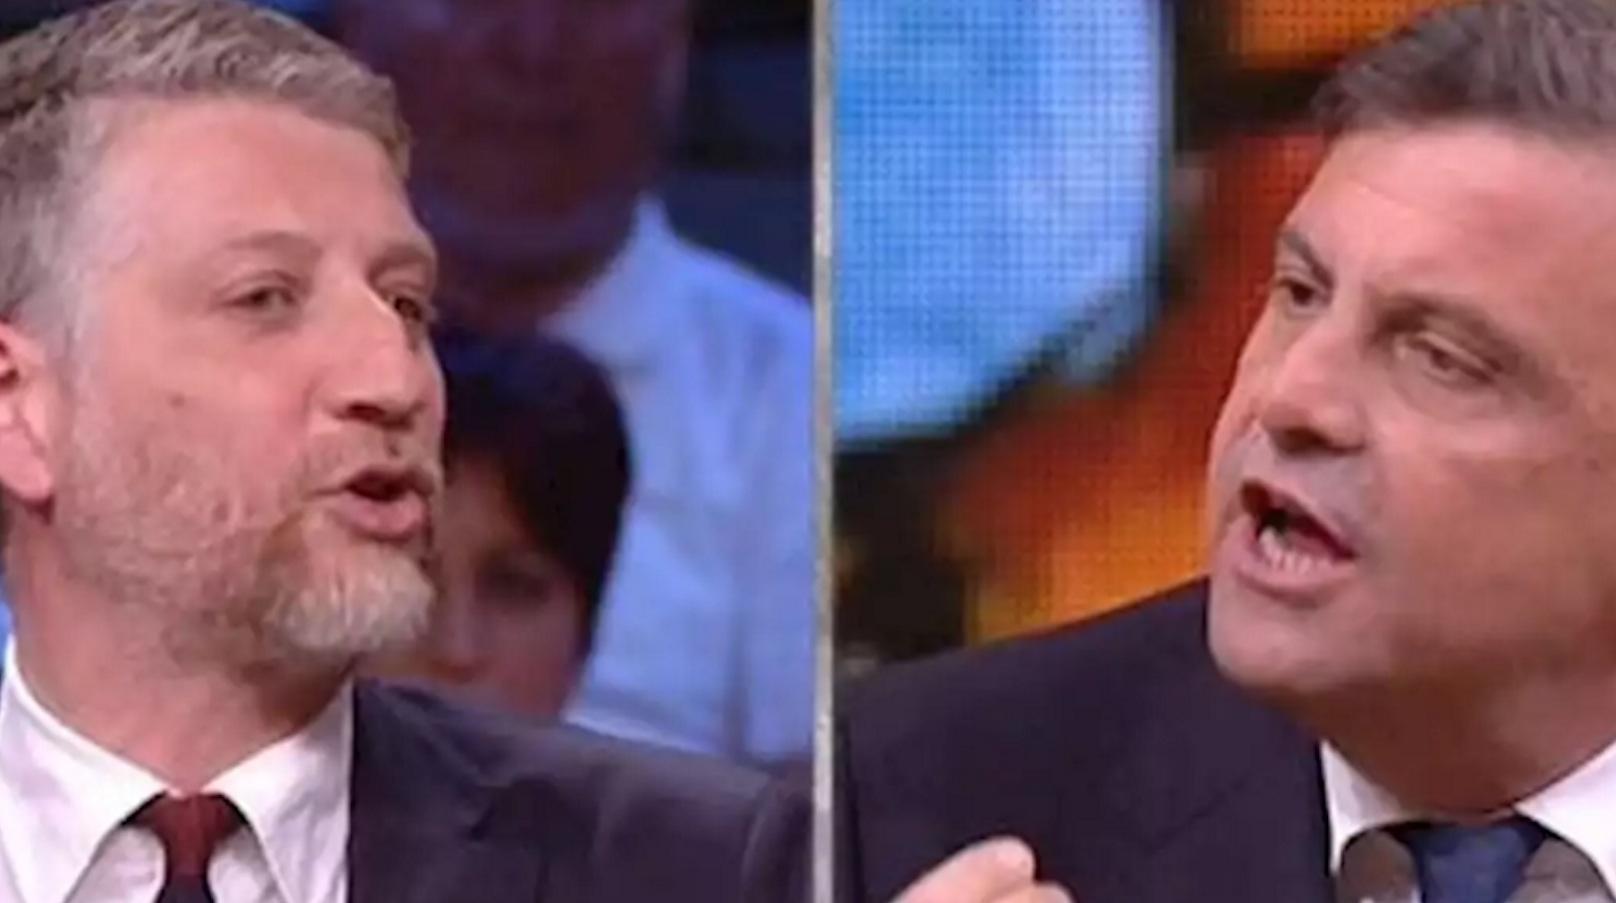 Calenda attacca duramente Giuli dandogli del fascista, poi si scusa